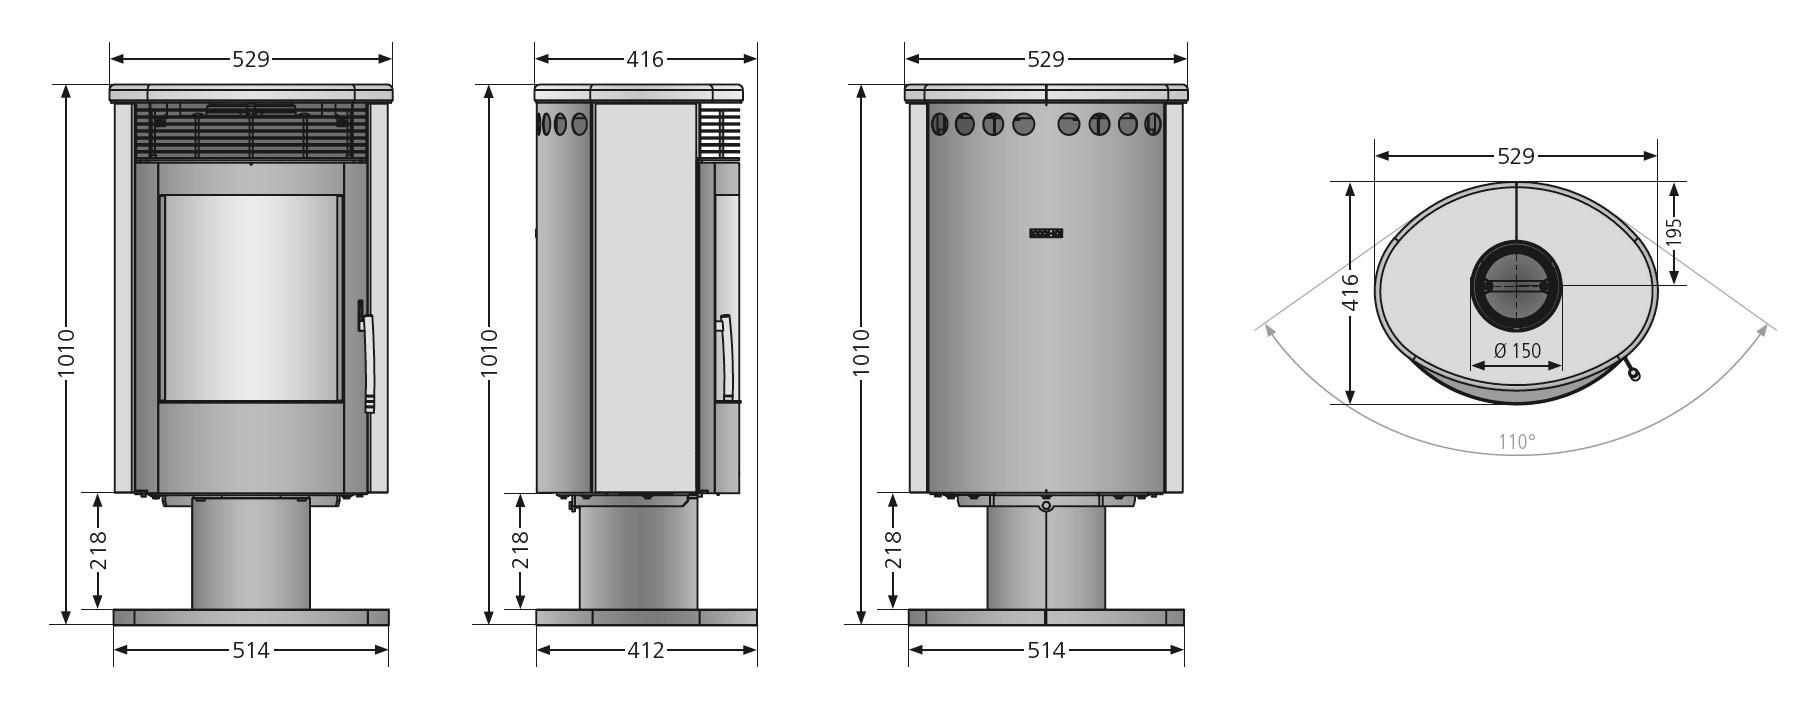 Kaminofen Justus Seeland raumluftunabhängig drehbar Speckstein 5kW Bild 2